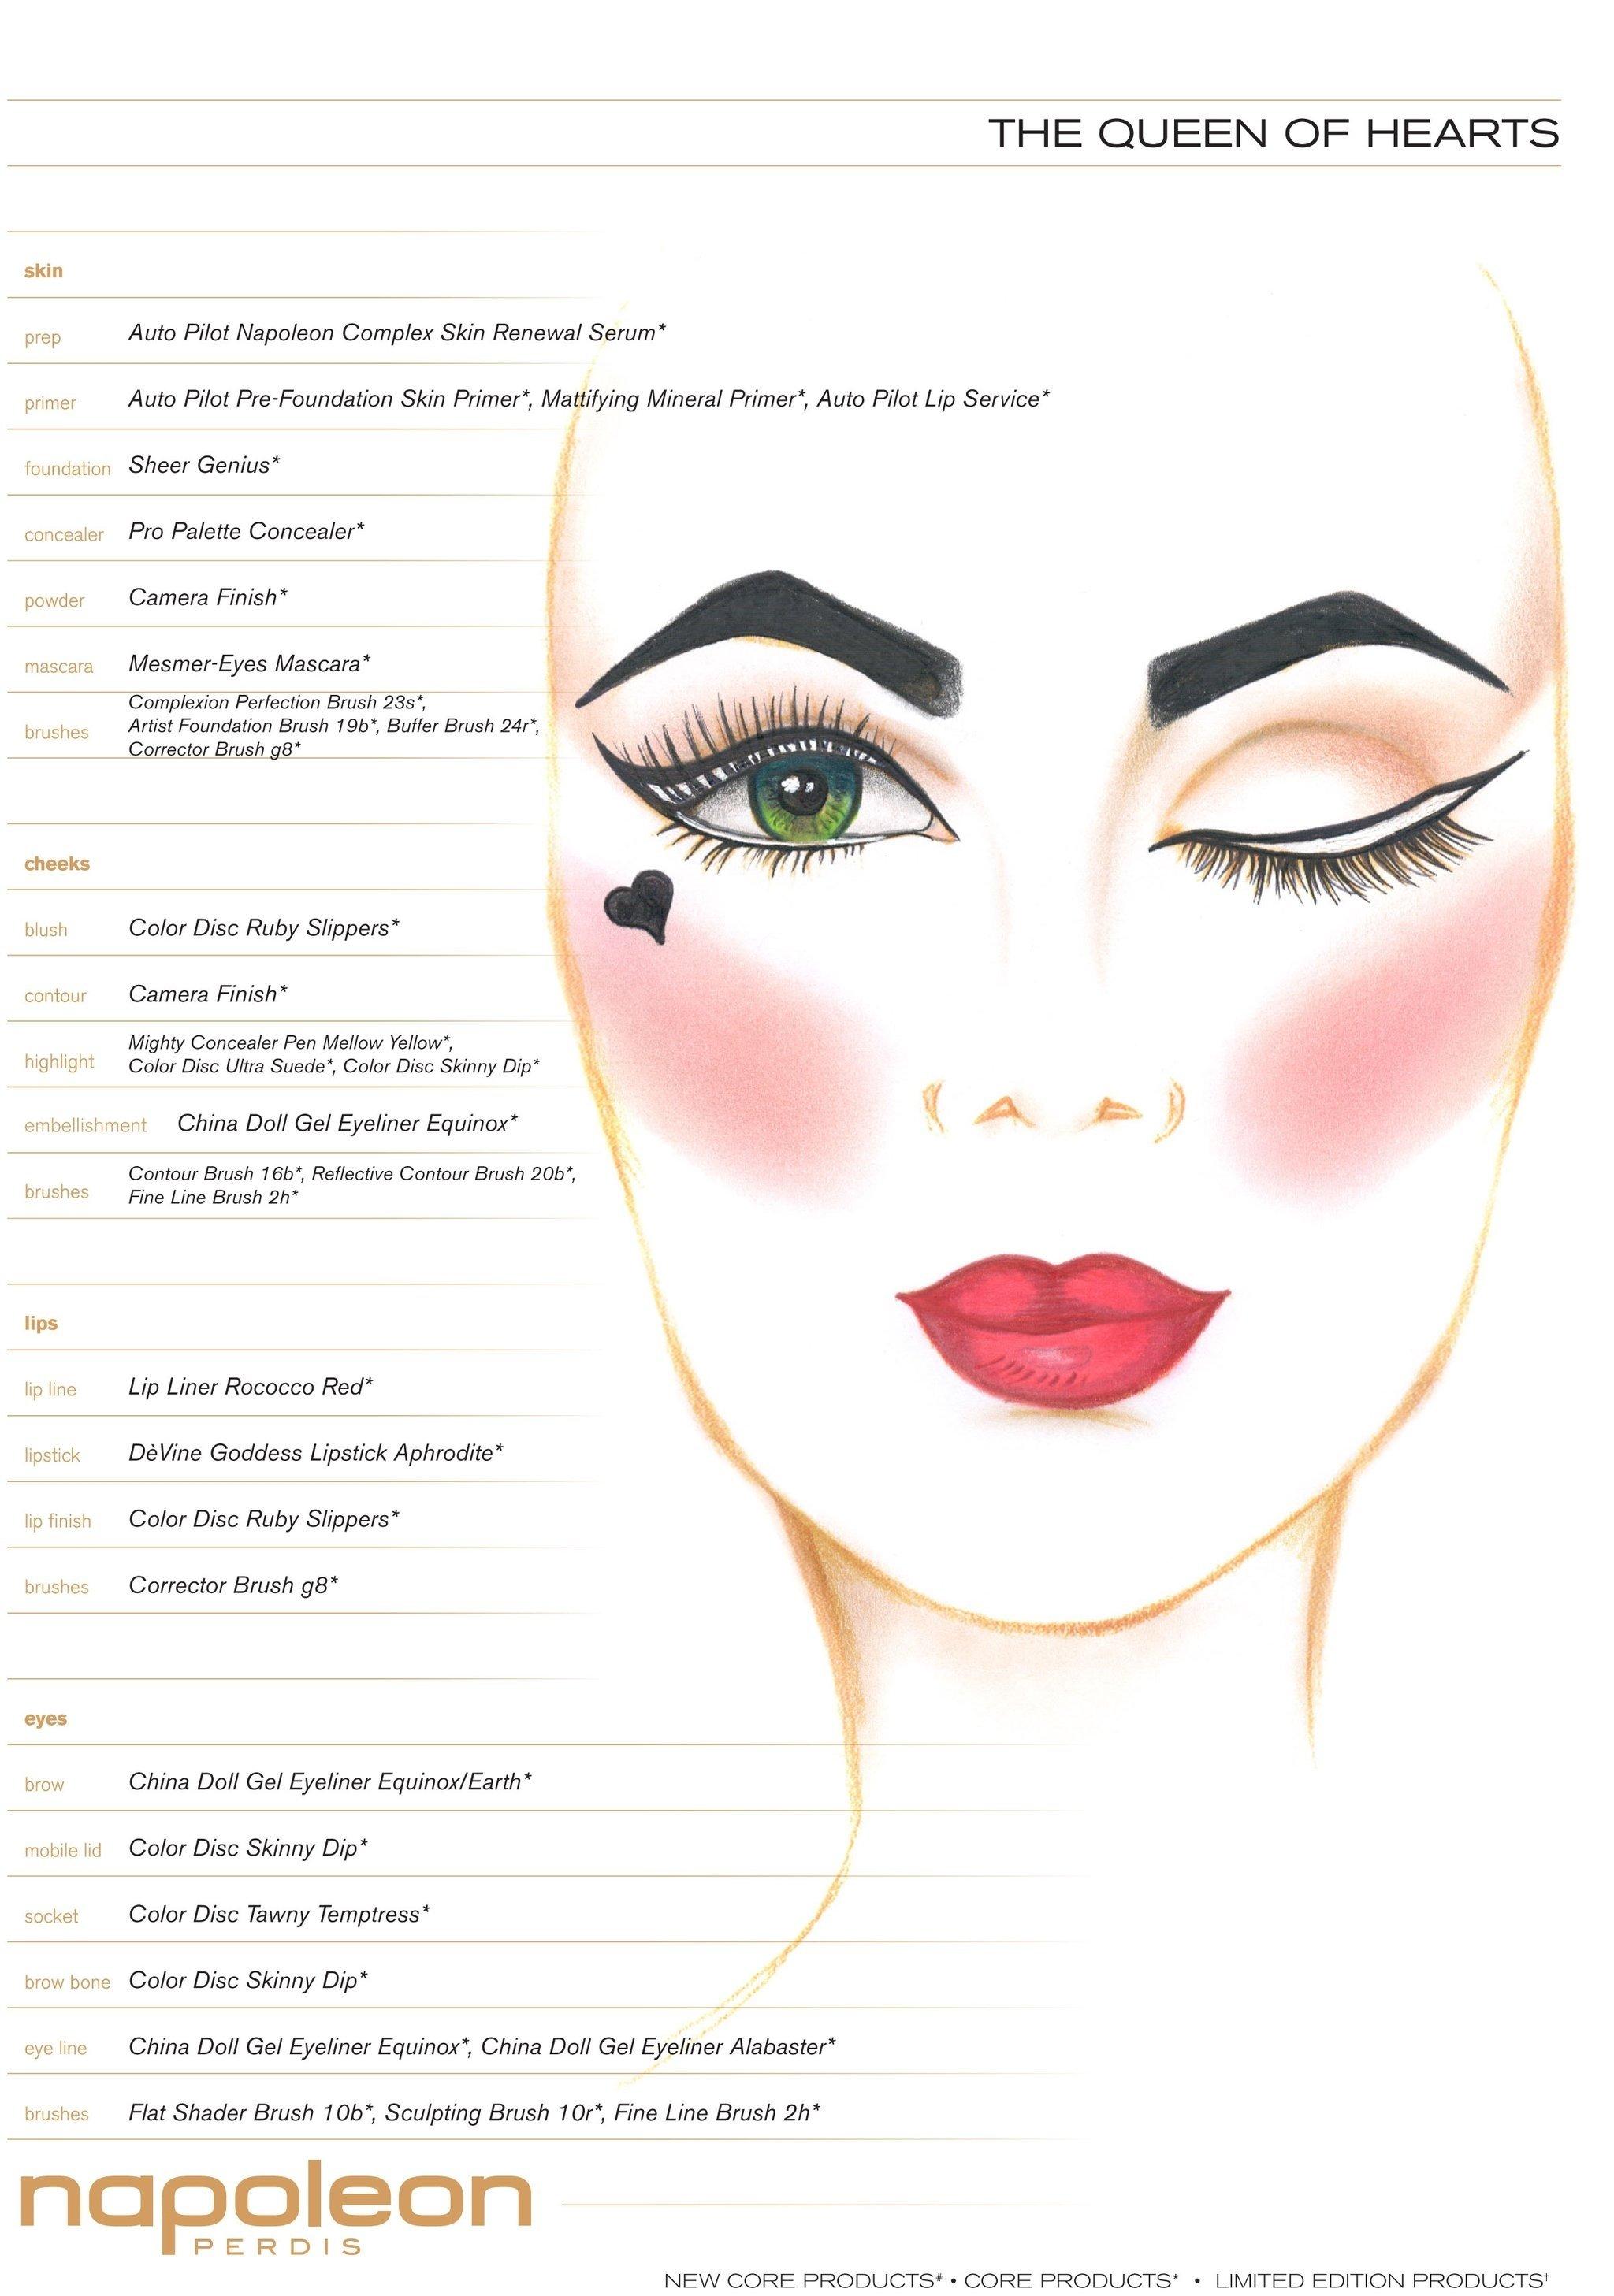 10 Trendy Queen Of Hearts Makeup Ideas the queen of hearts pictures of napoleon perdiss halloween makeup 2020